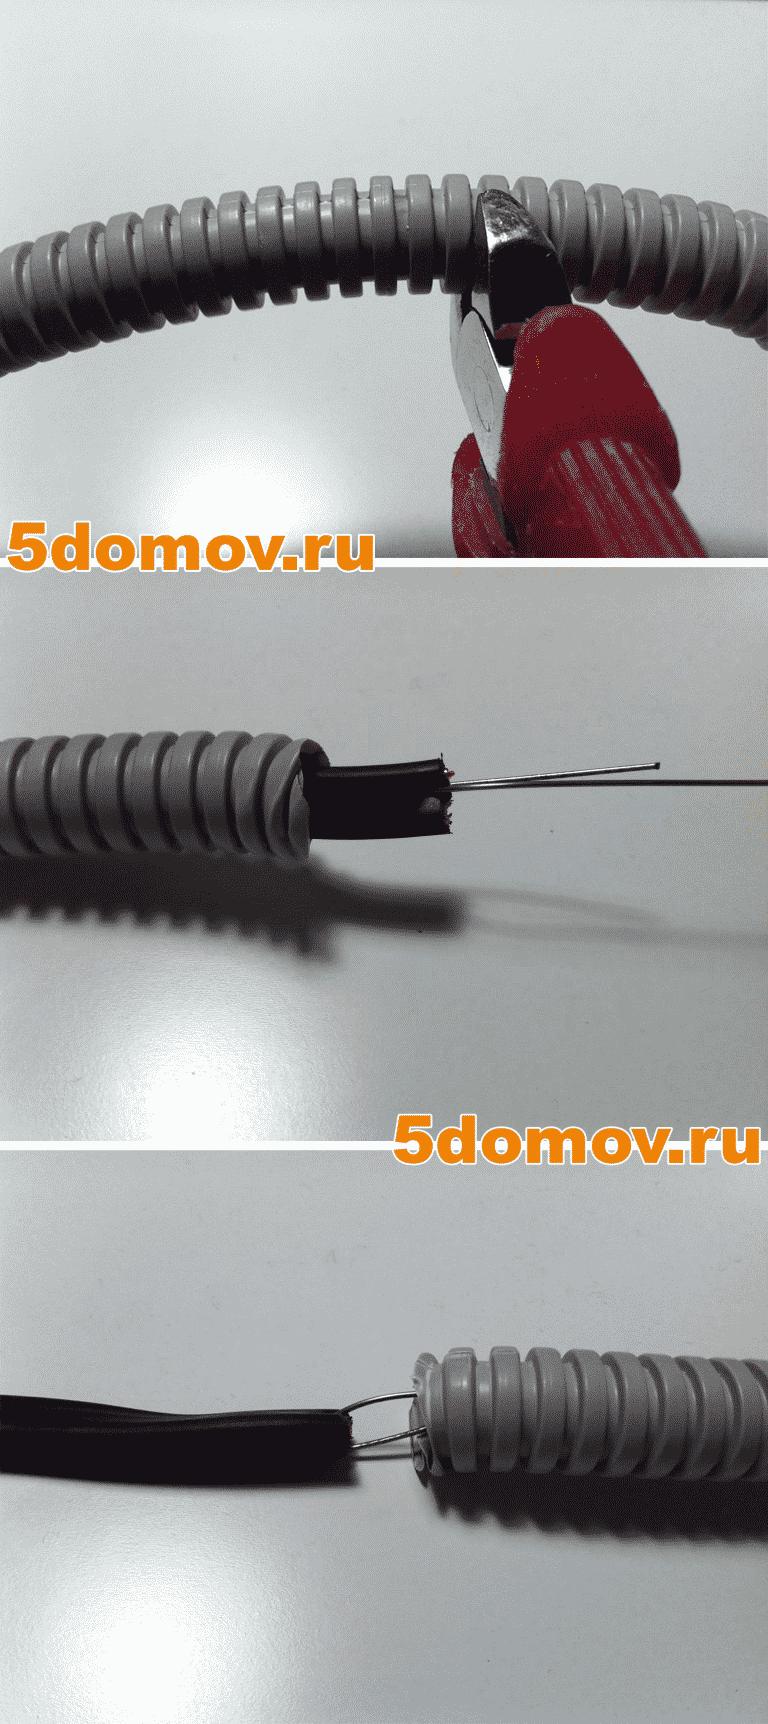 Полезные советы по монтажу кабеля в гофре | Как протянуть кабель в гофру с проволокой и без проволоки